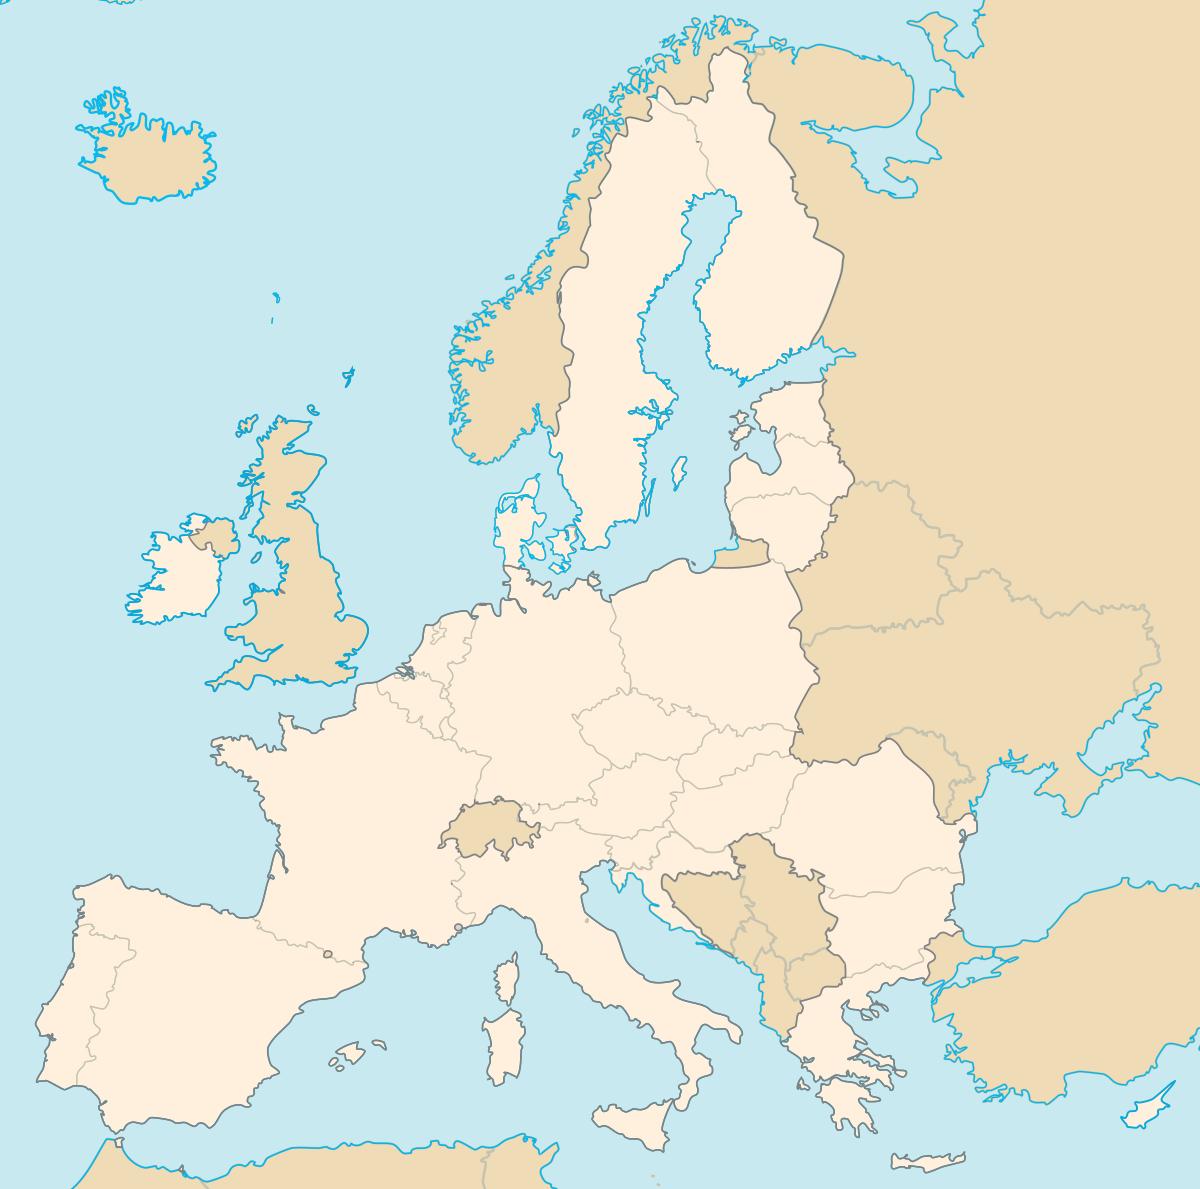 États Membres De L'union Européenne — Wikipédia concernant Capital De L Union Européenne